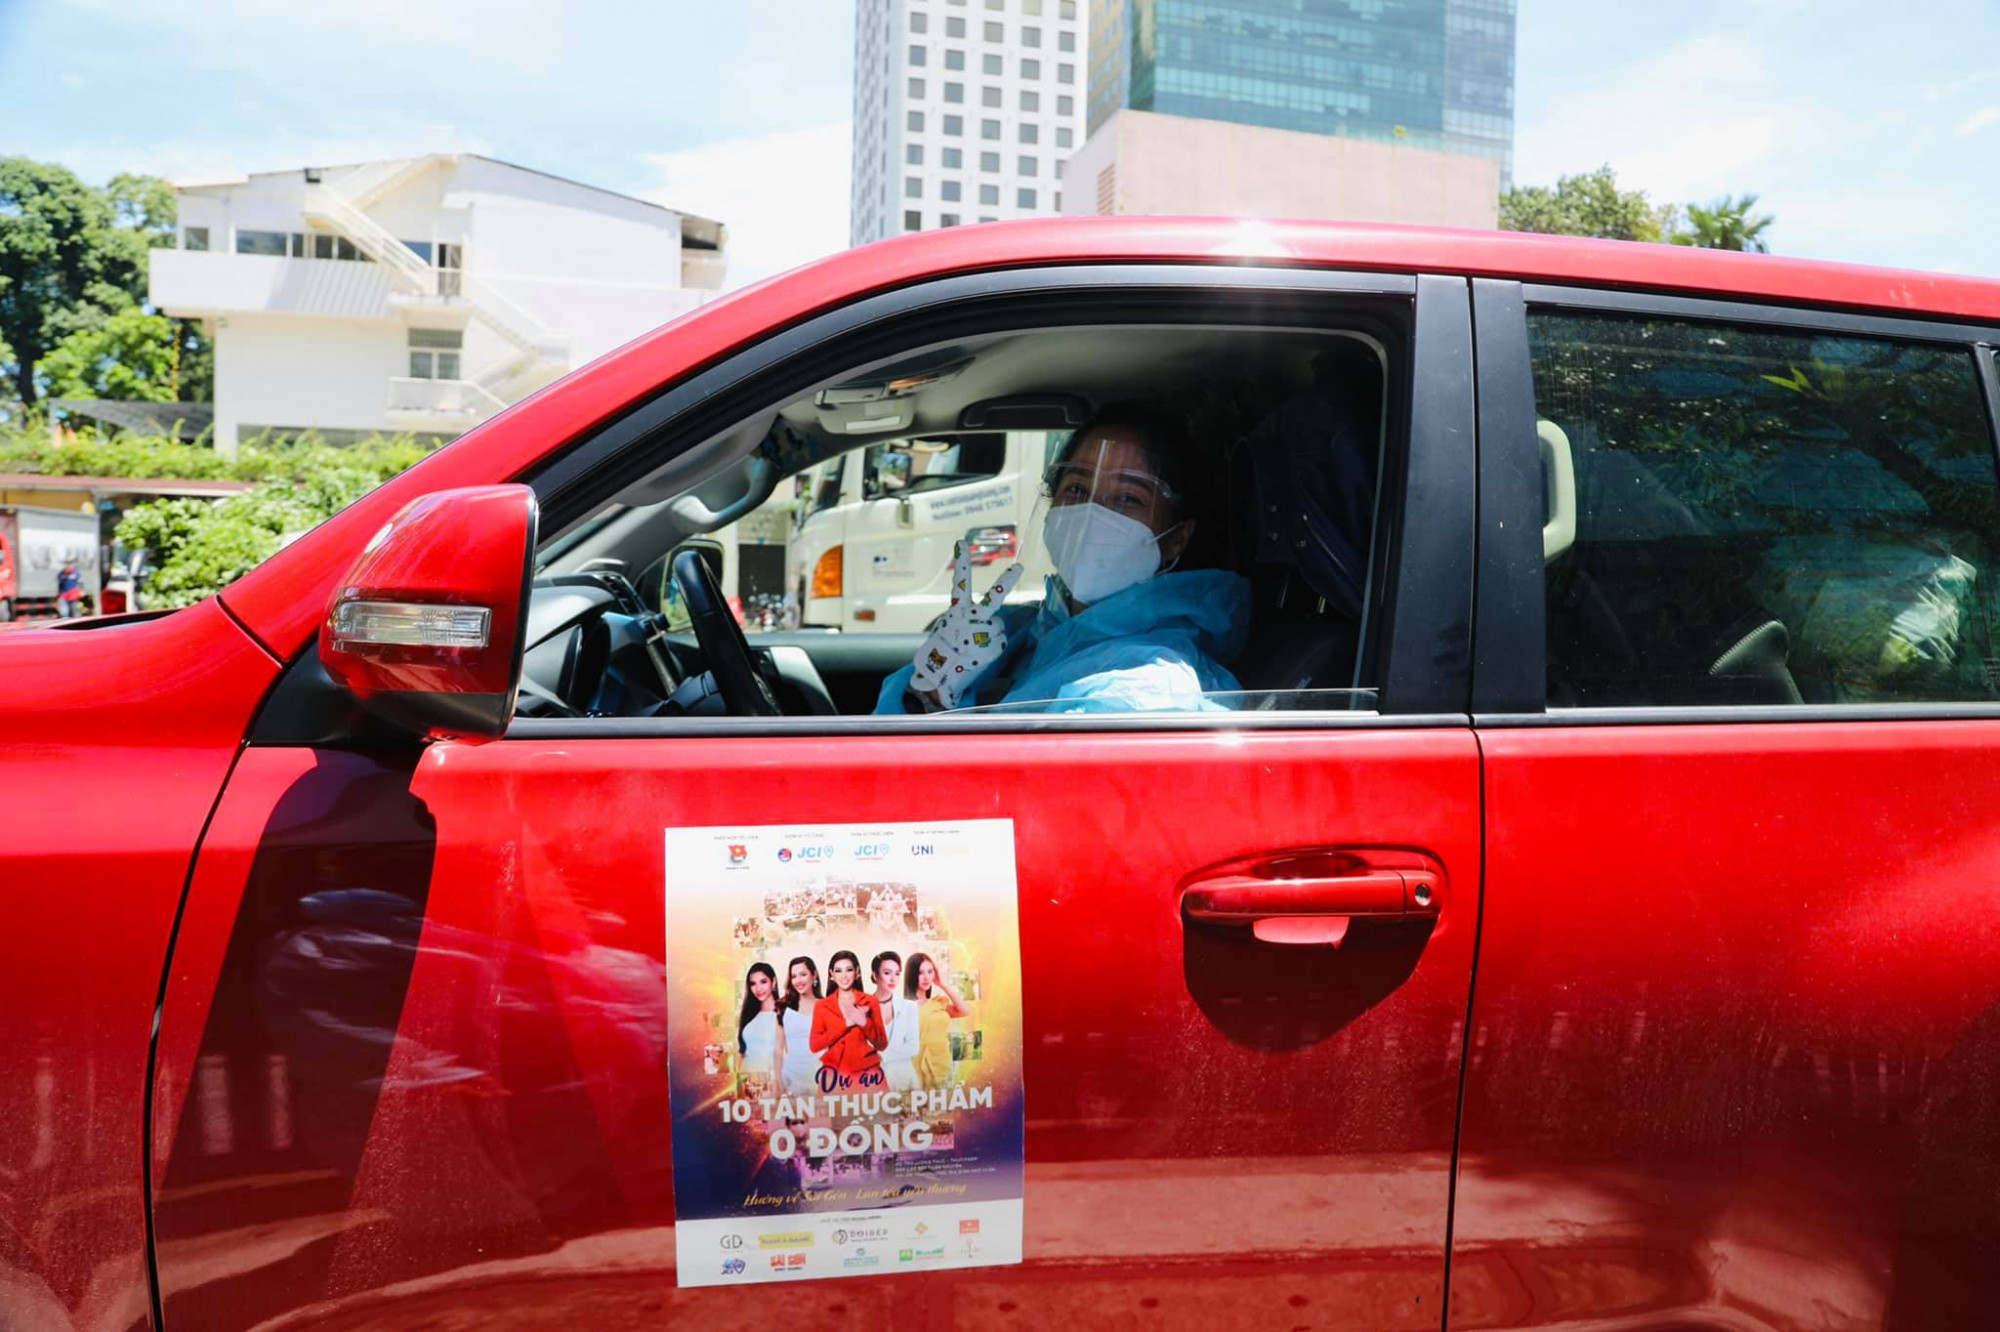 Hoa hậu Ngọc Diễm dùng ô tô cá nhân để vận chuyển rau củ cho người dân.